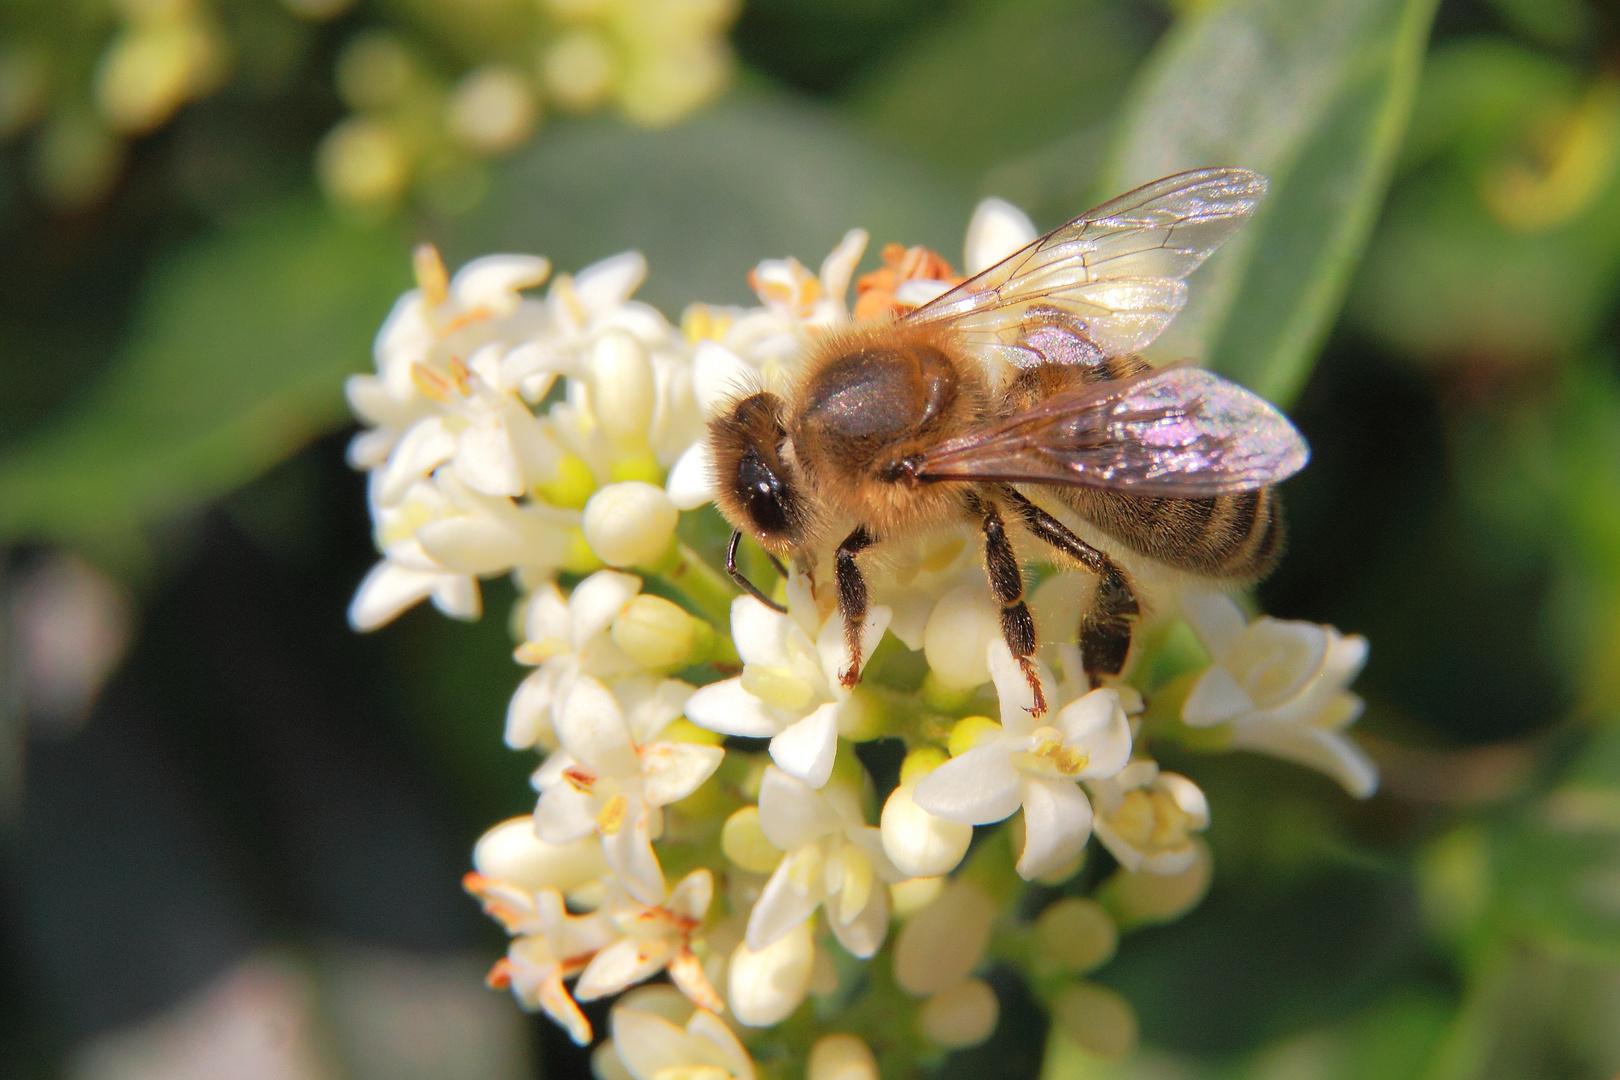 Wildbiene an Ligusterblüte #2